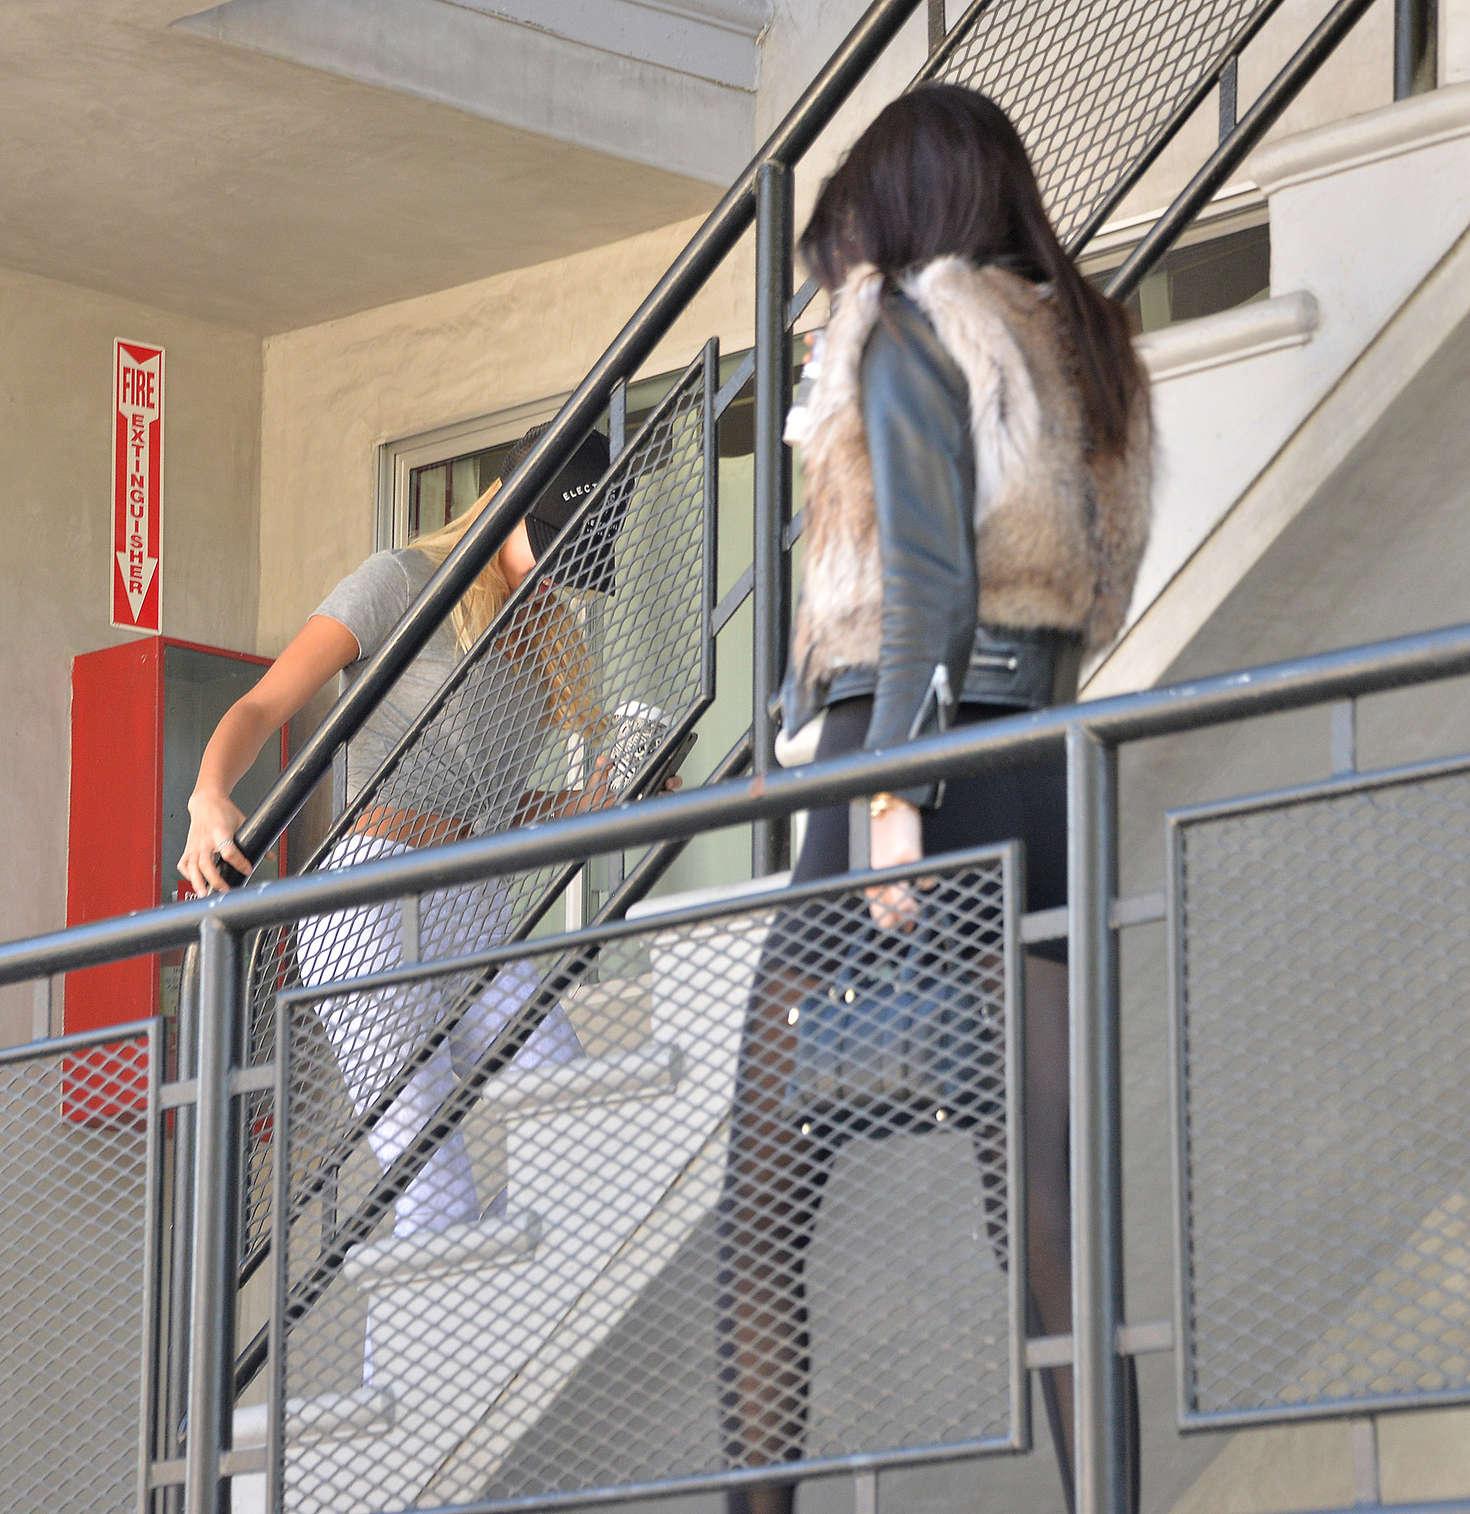 Kendall Jenner 2016 : Kendall Jenner in Leggings -55